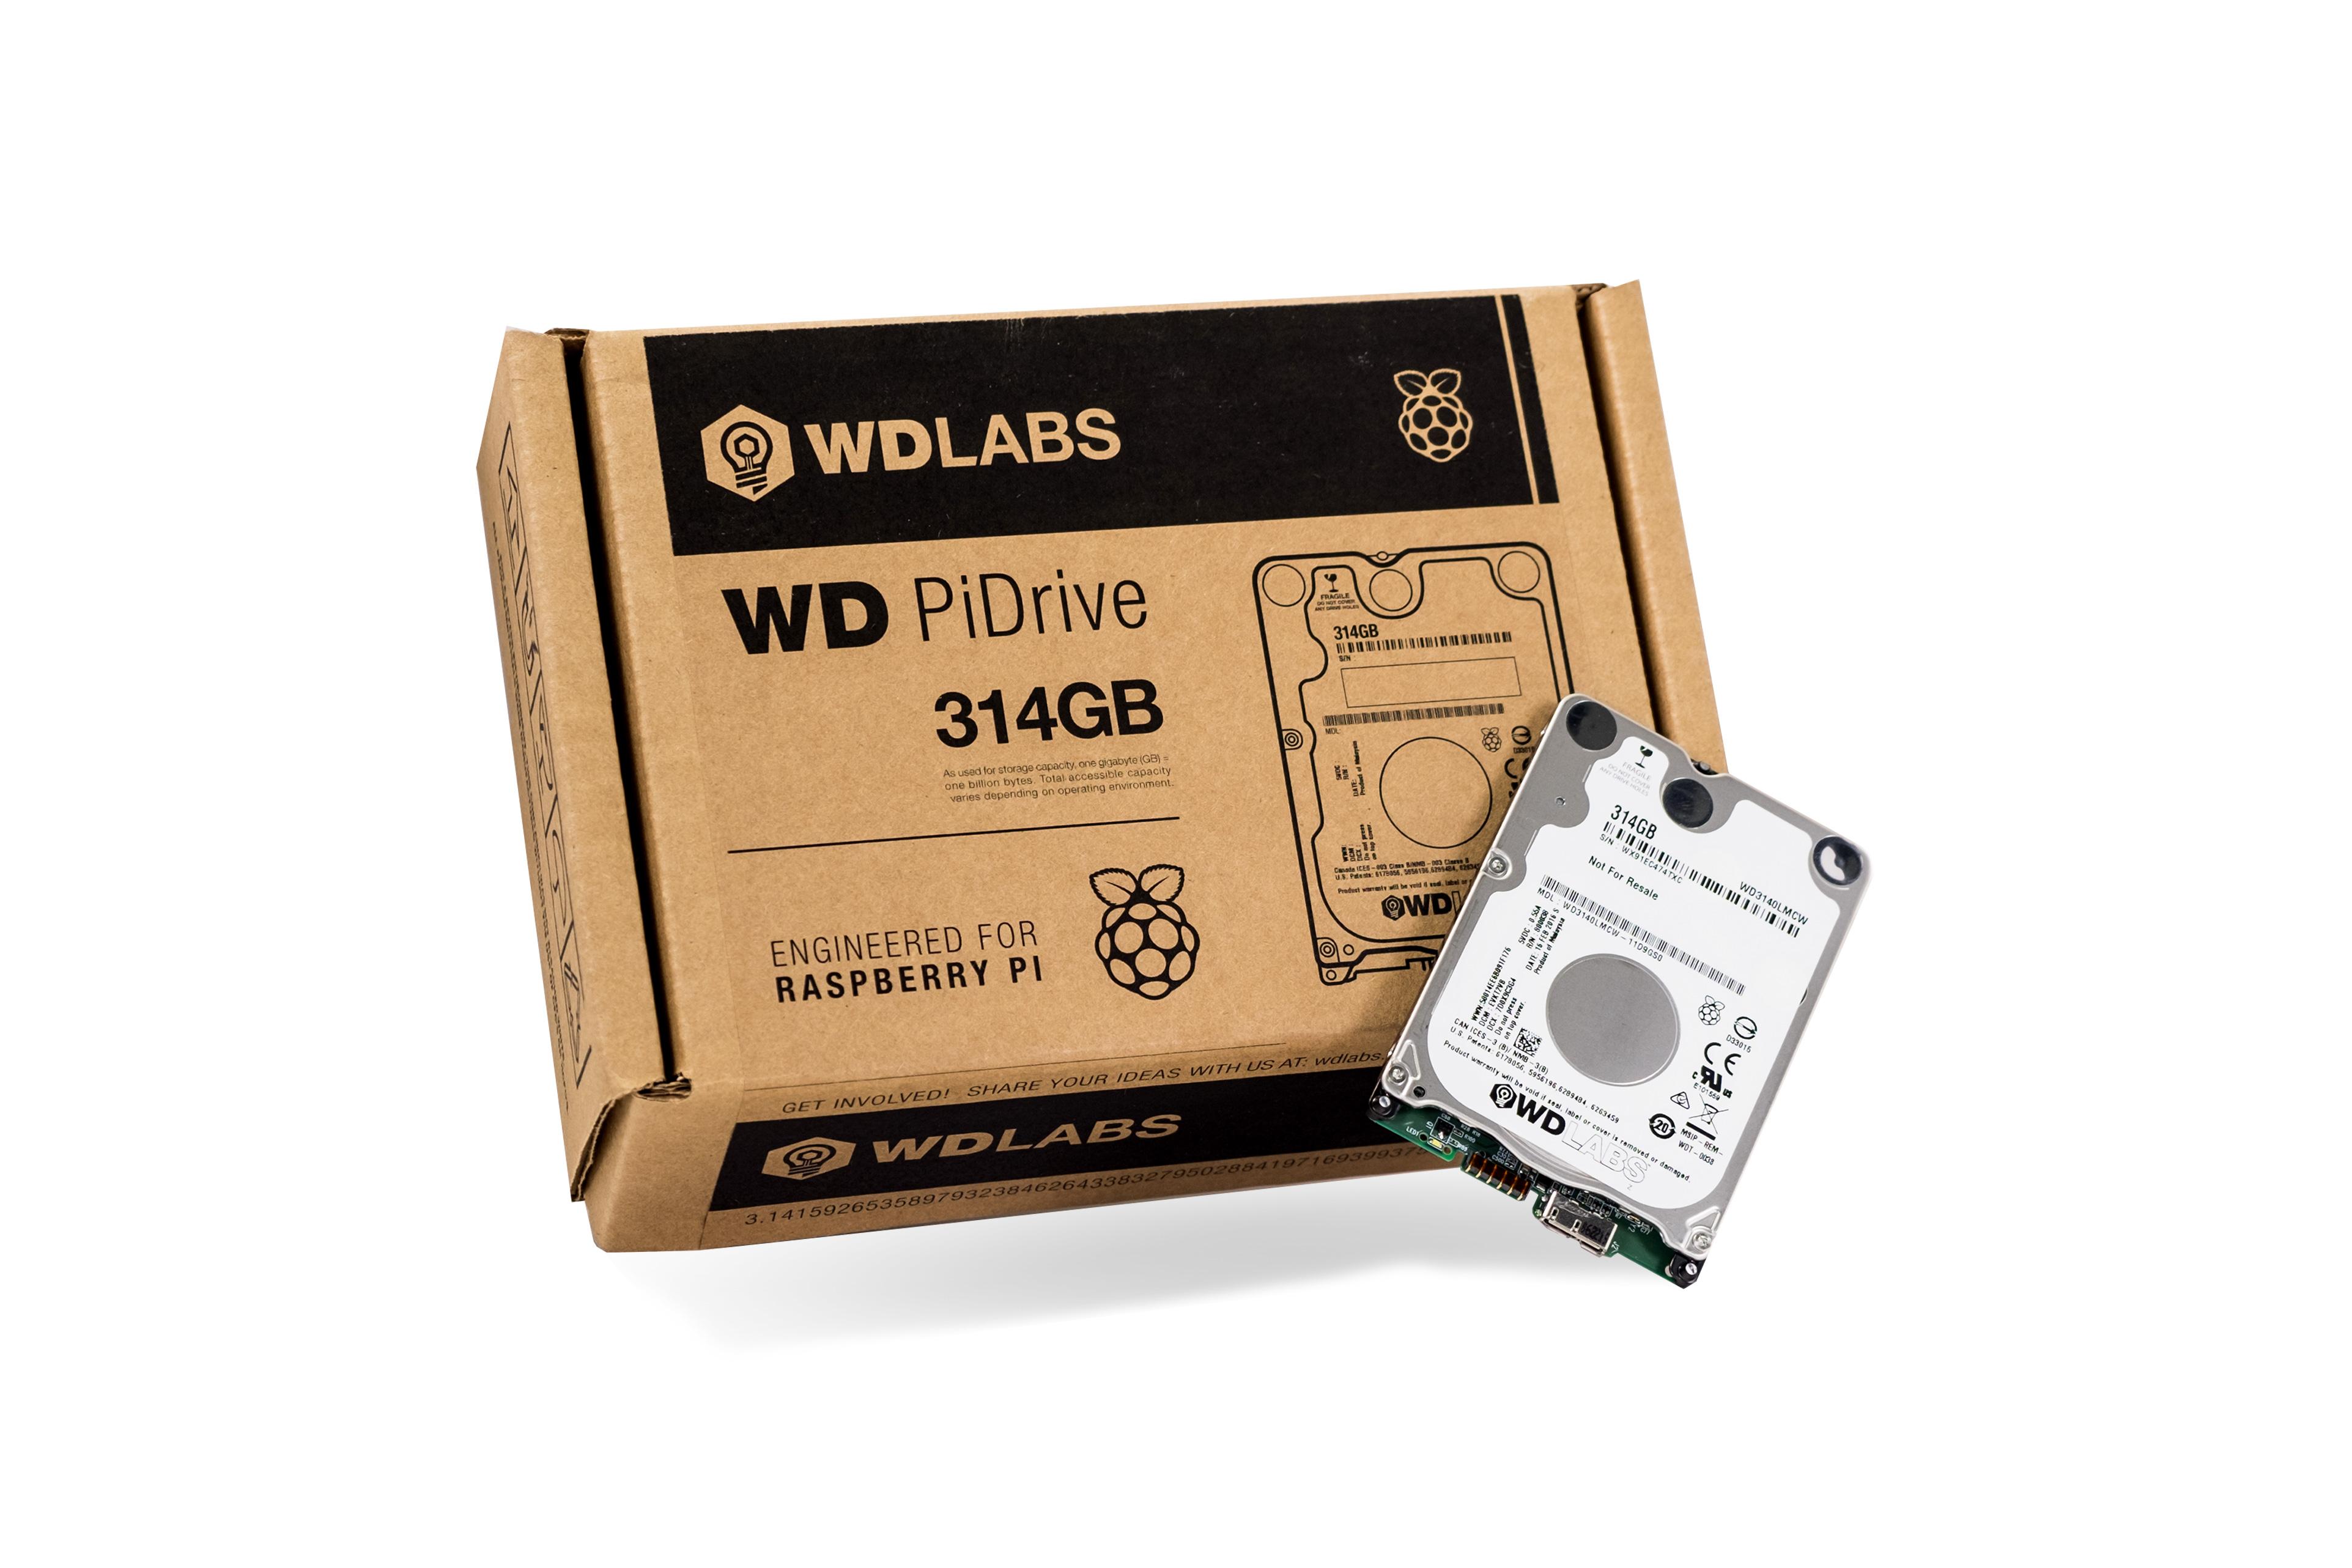 PiDrive 314GB